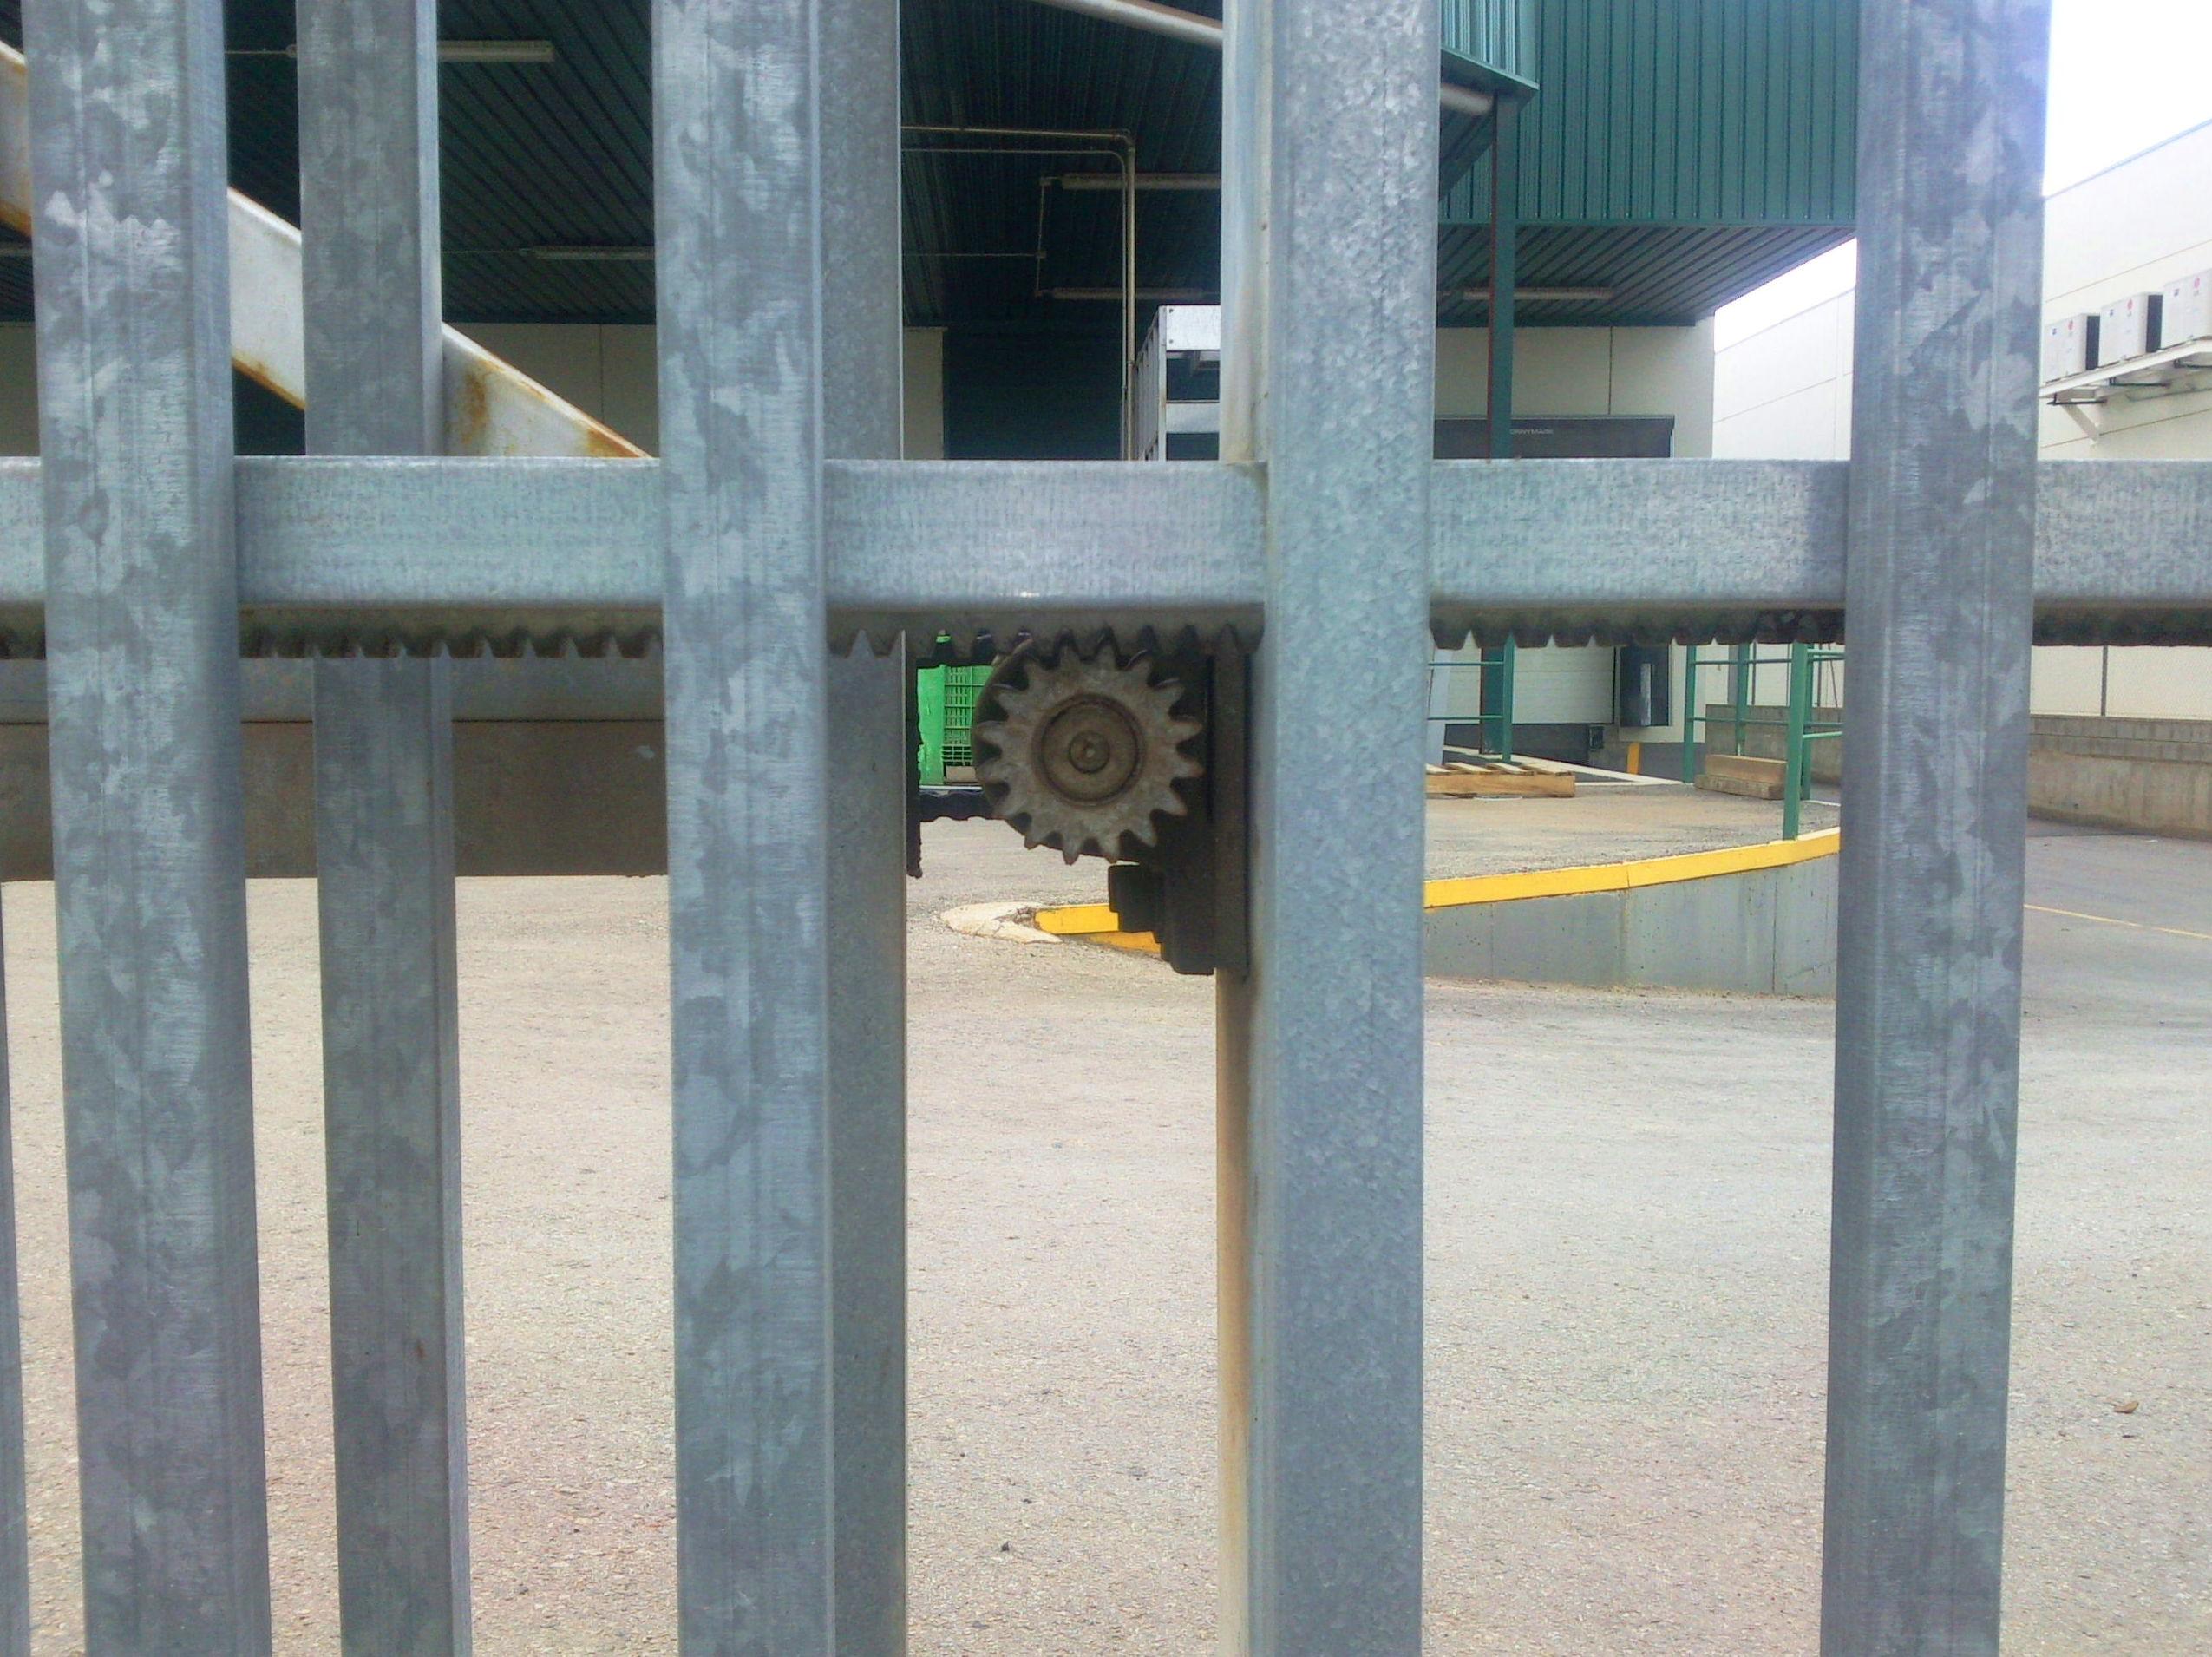 Piñón de unión para motor de puerta corredera telescópica